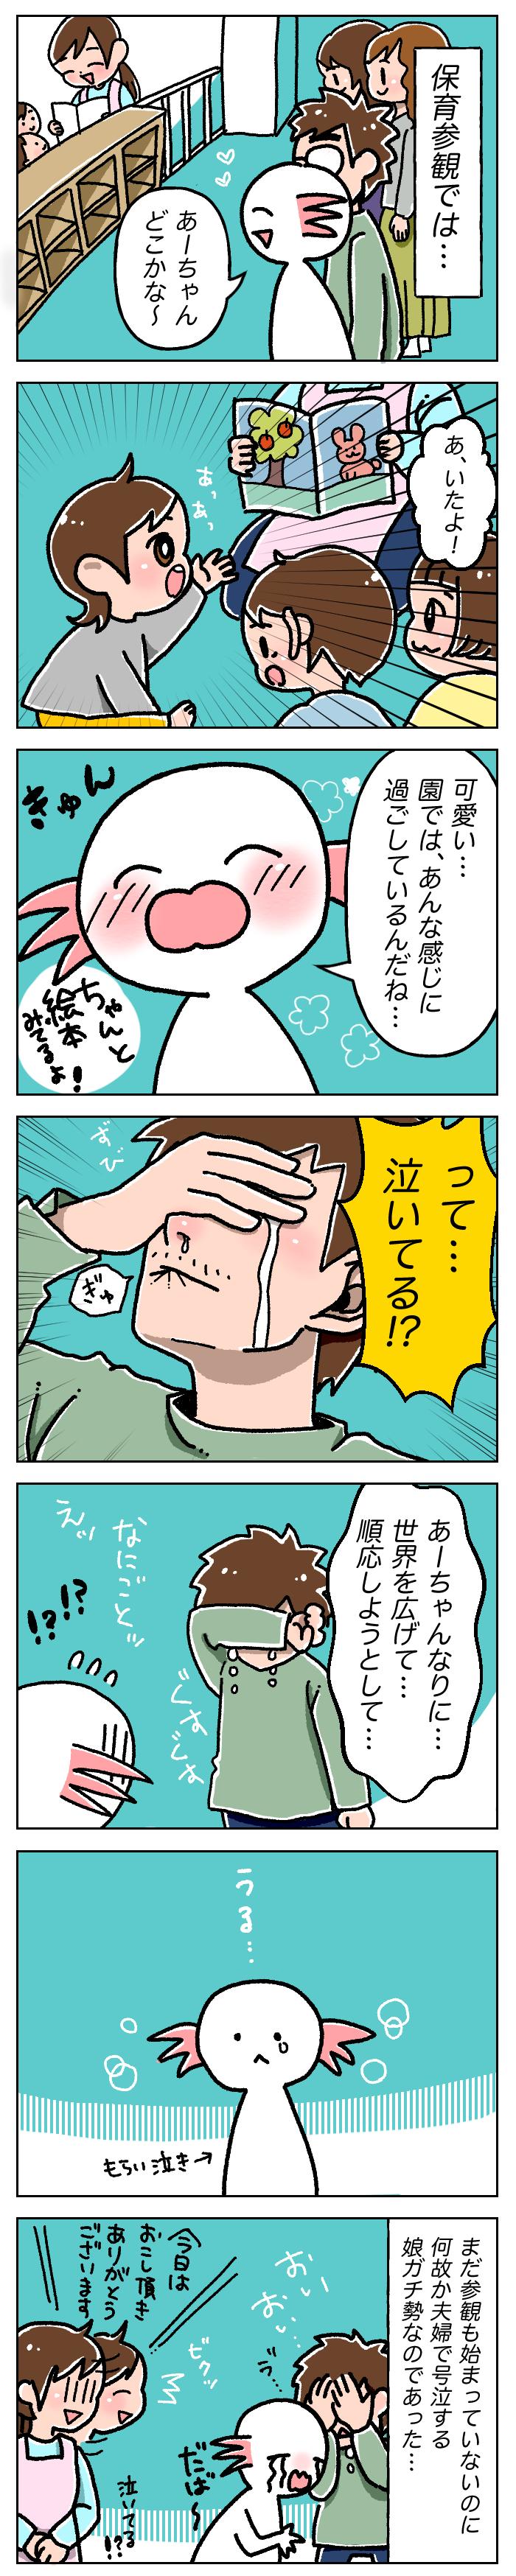 えっ今泣く...!?パパから娘への愛が尋常じゃない(笑)の画像2